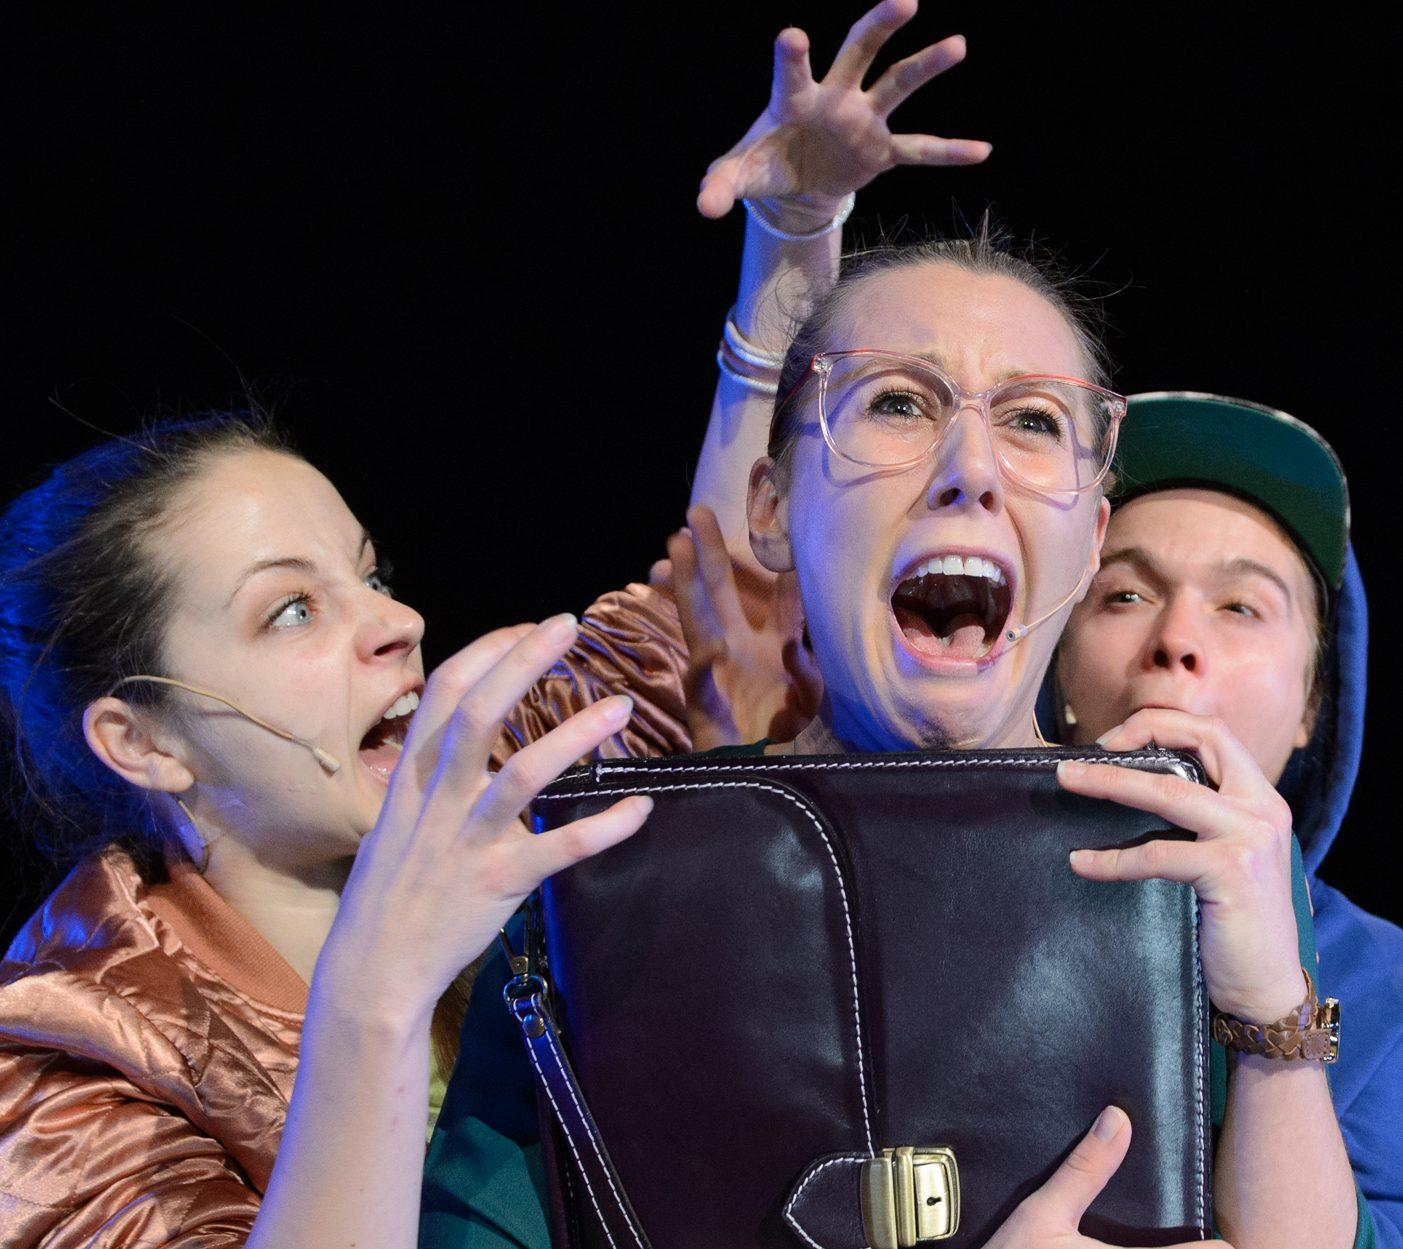 Sexfragen: Anna Schimrigk, Christine Smuda, Alice Bauer – Foto: Jörg Metzner